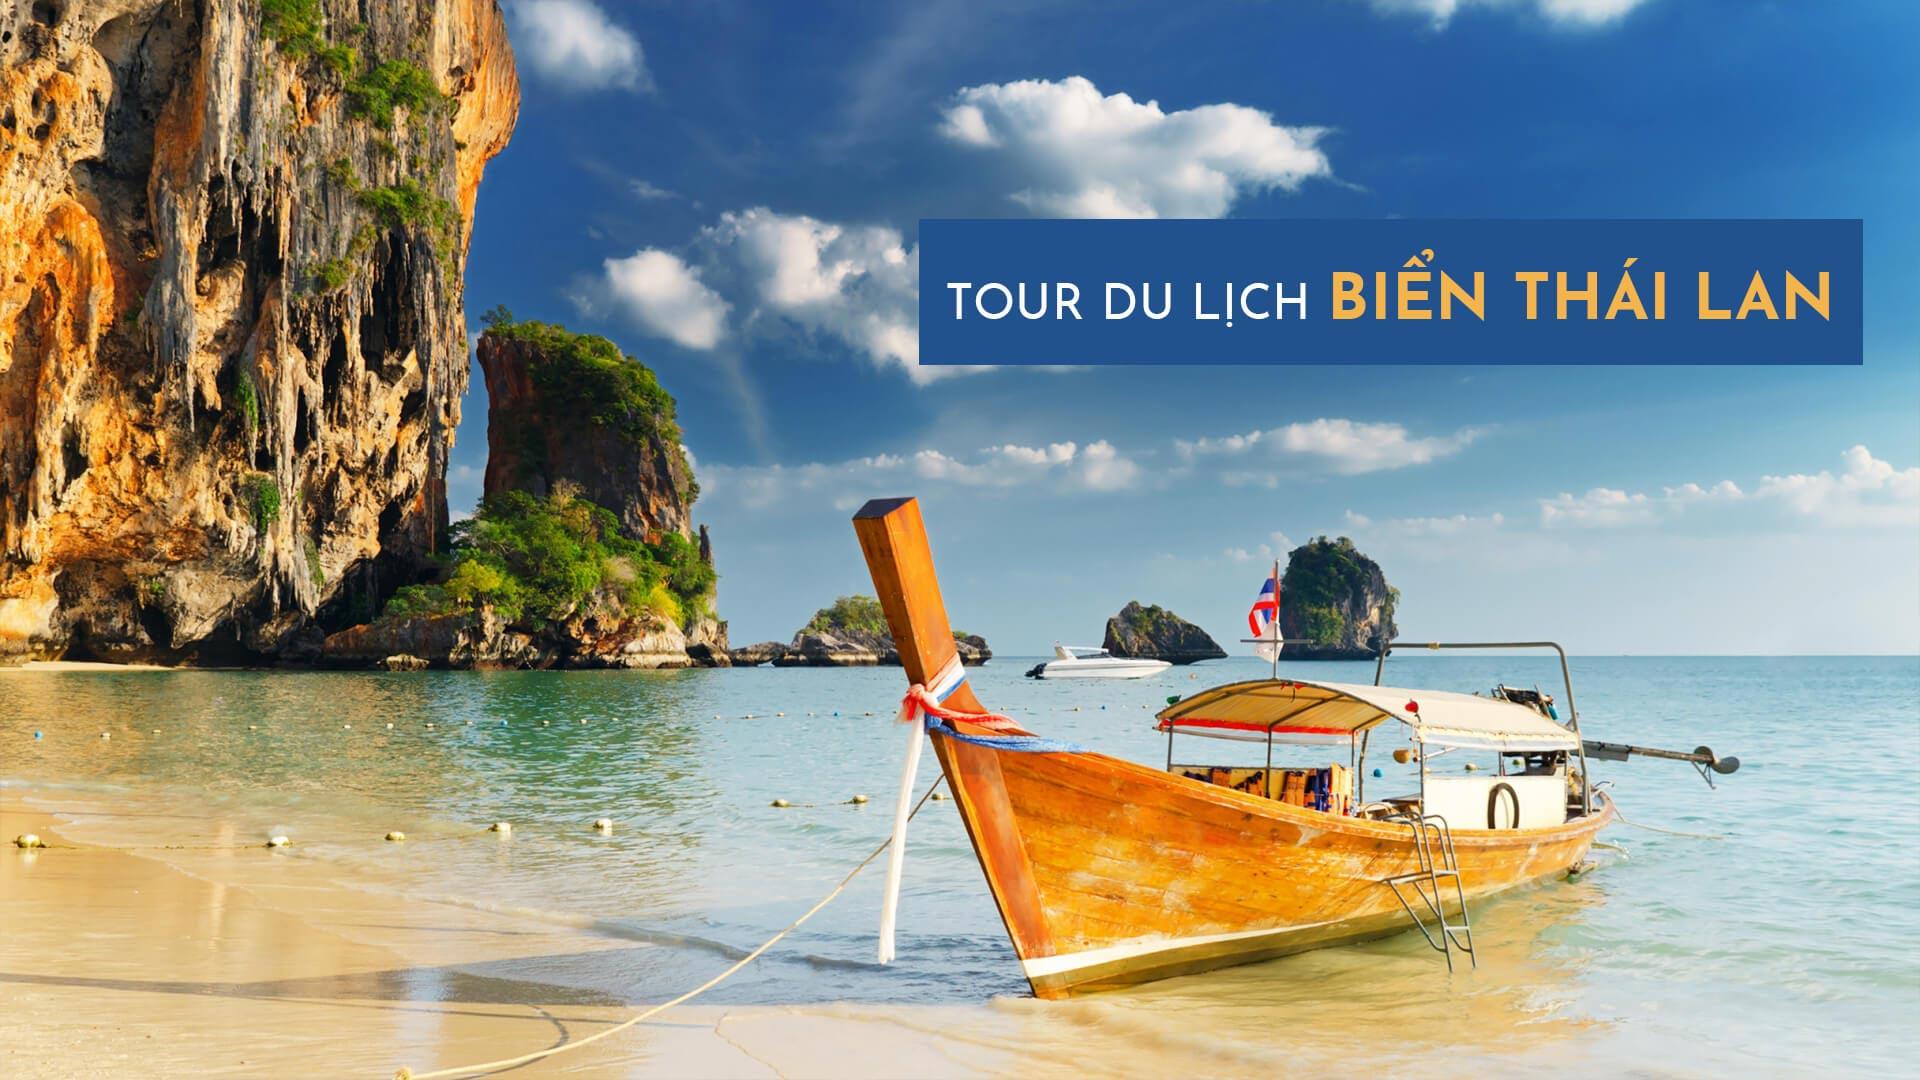 Tour du lịch biển Thái Lan